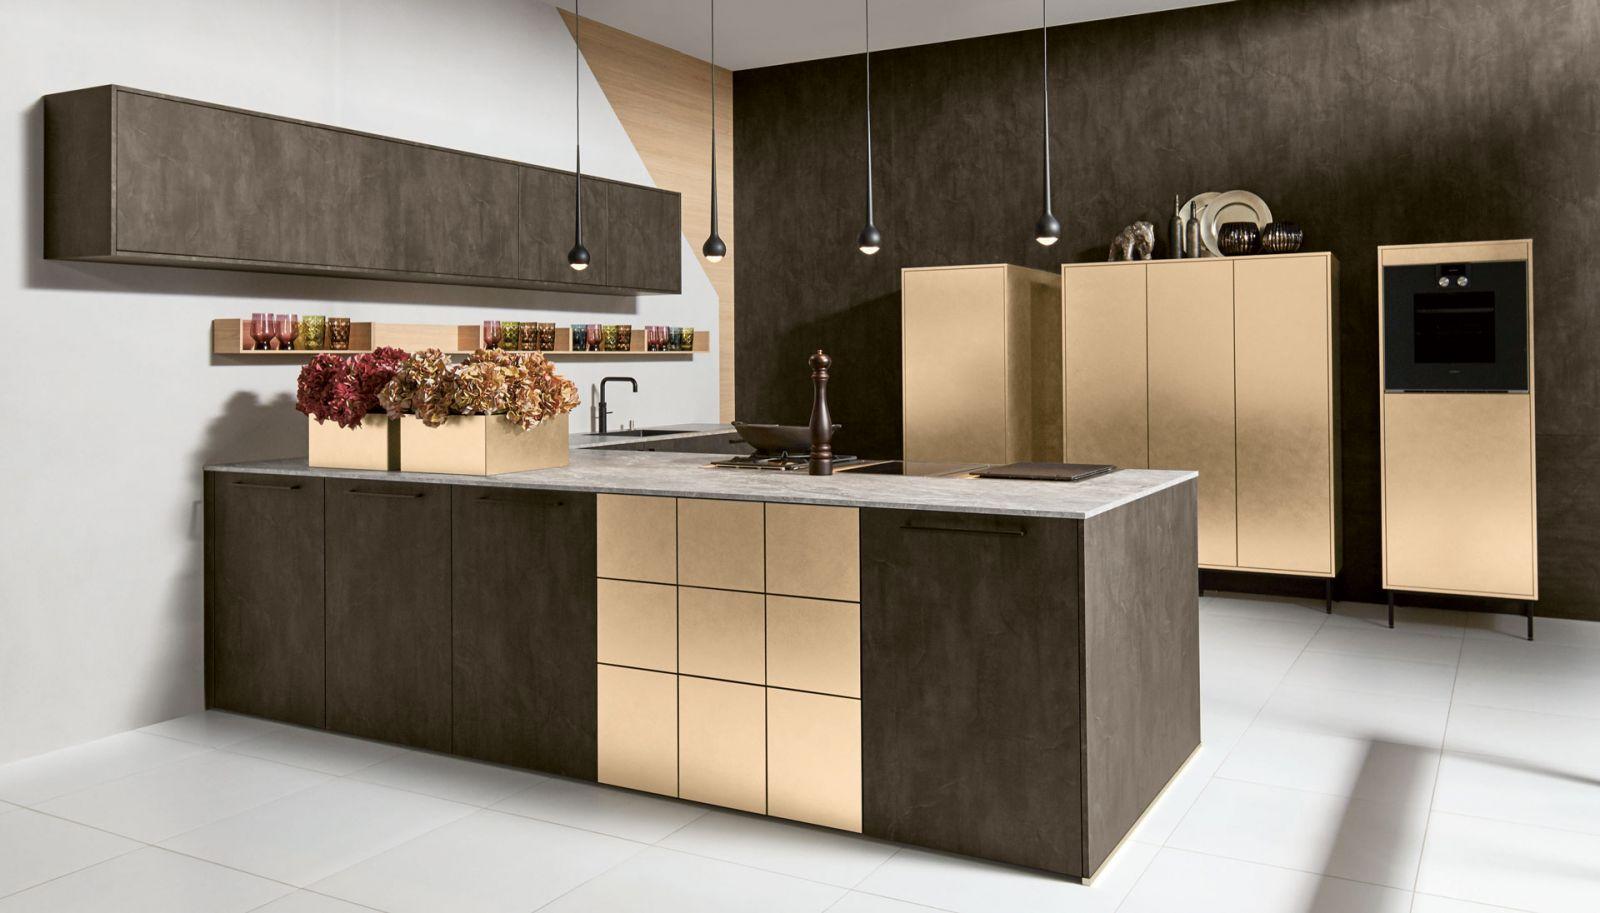 Mở không gian, thêm cá tính cho bếp